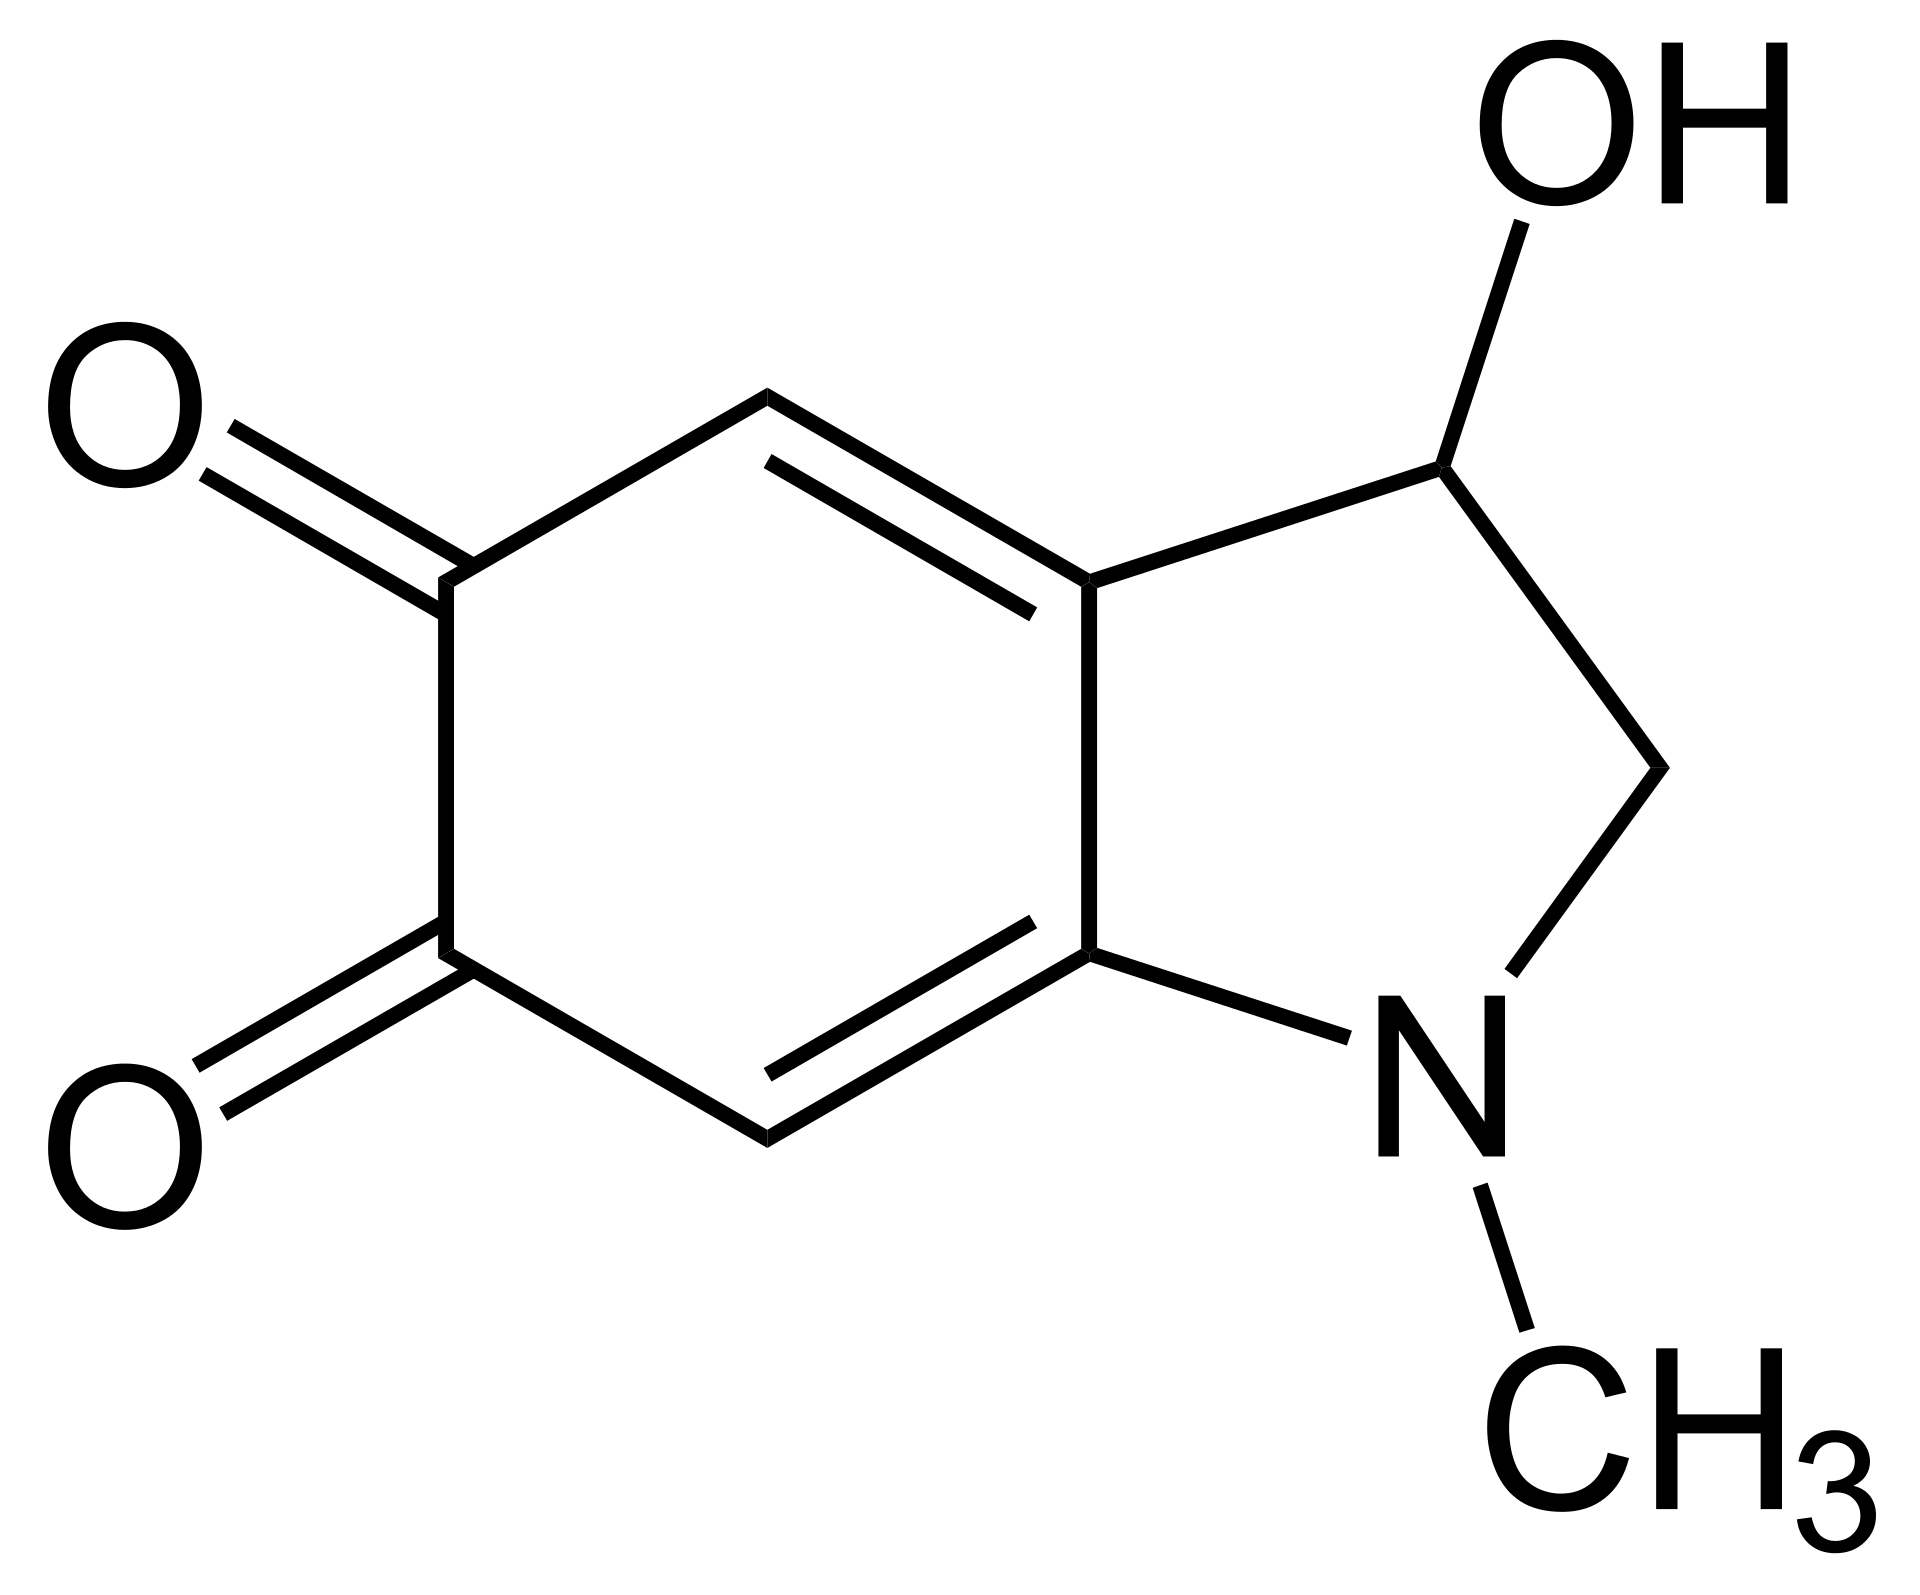 アドレノクロム